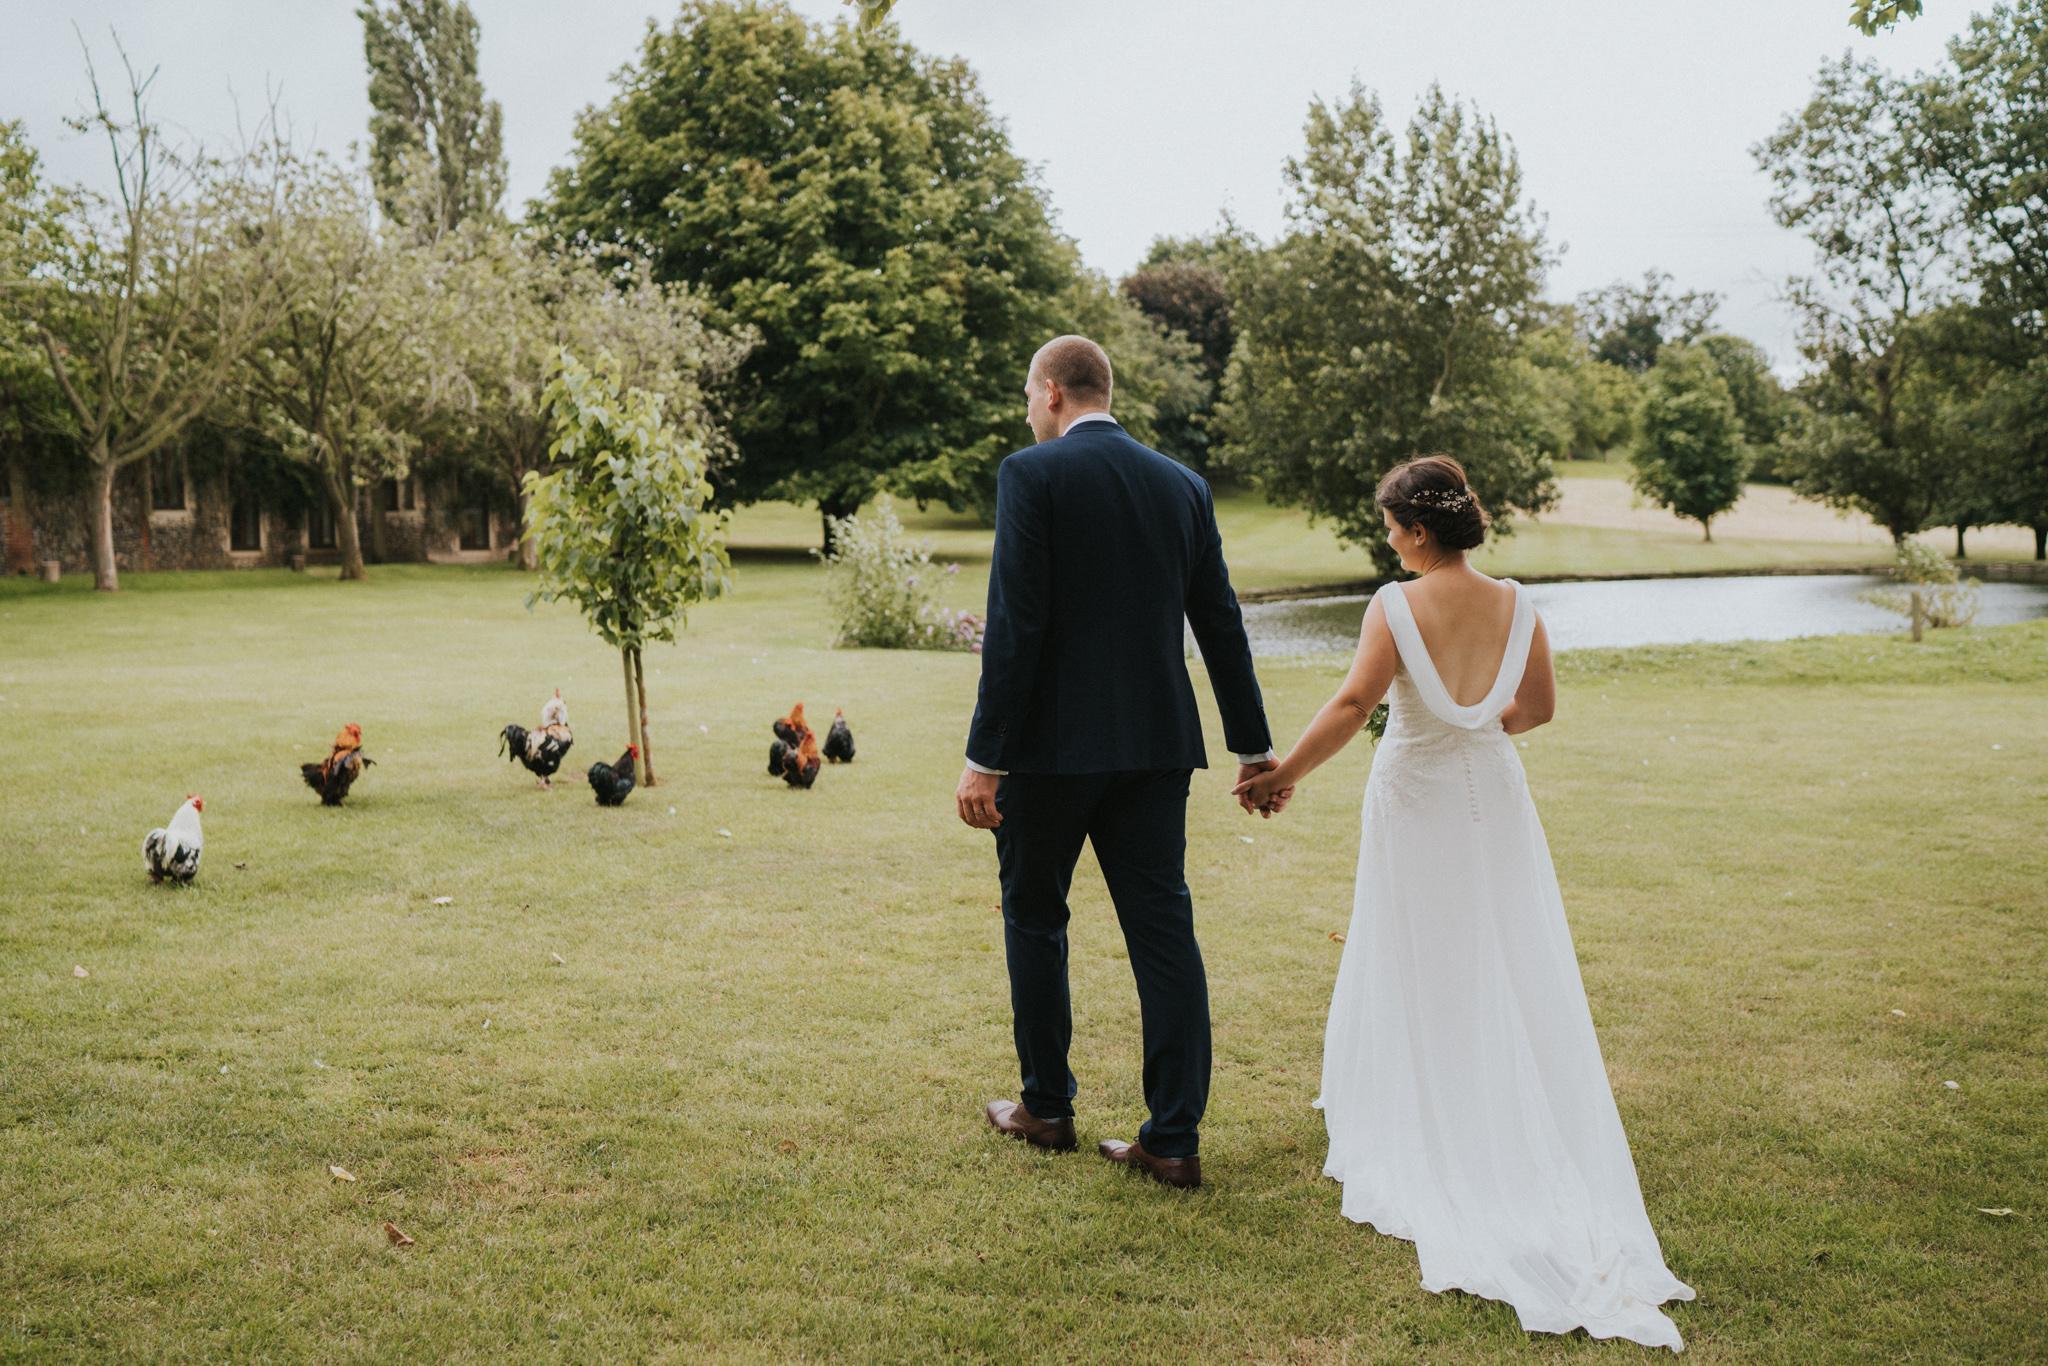 emily-dominic-barrandov-opera-house-grace-elizabeth-colchester-essex-alternative-wedding-lifestyle-photographer-essex-suffolk-norfolk-devon (43 of 54).jpg